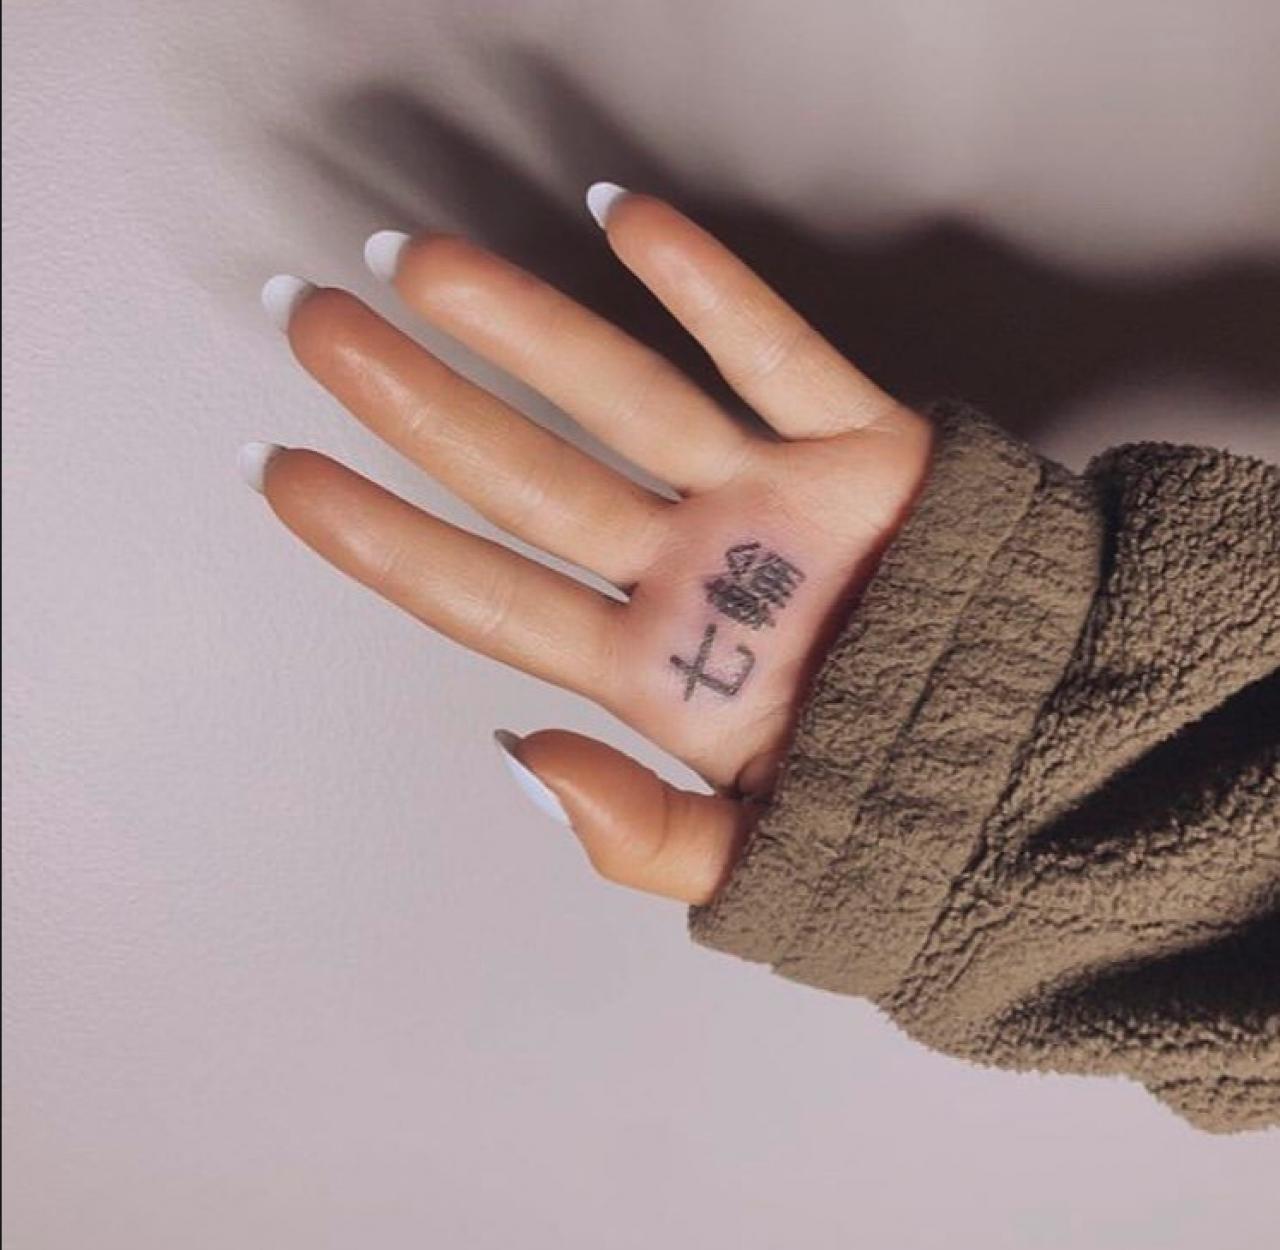 Tatuato sito di incontri UK